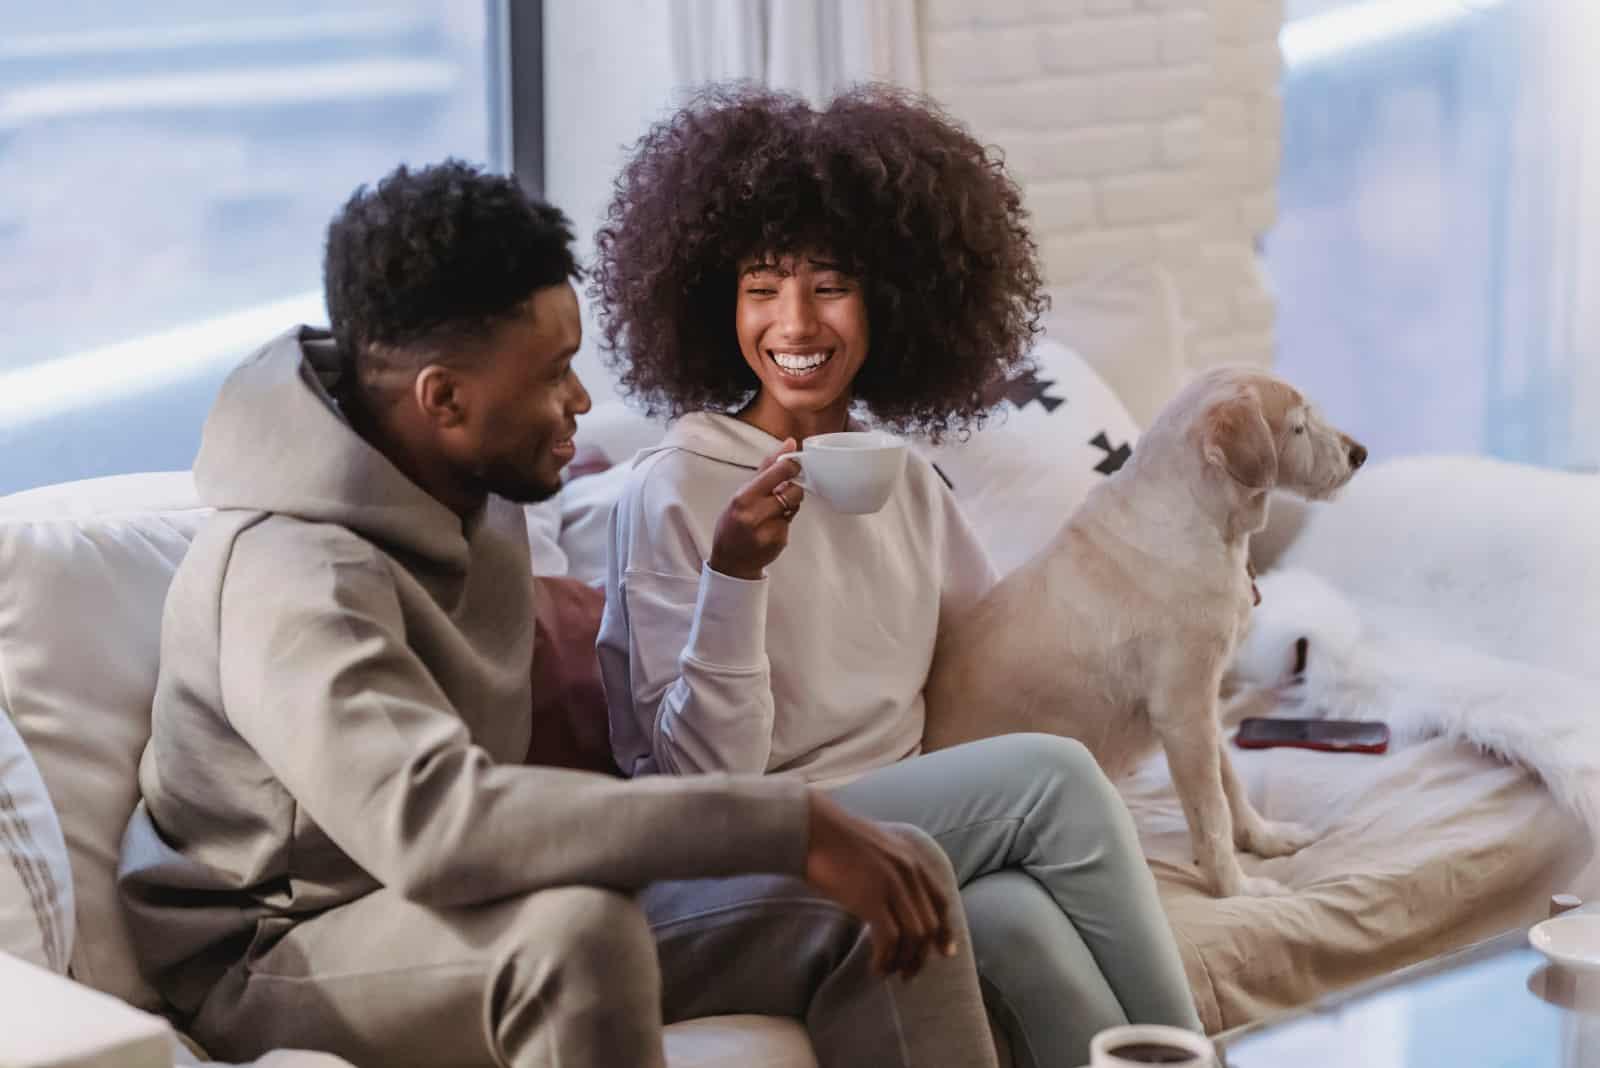 homme et femme souriant assis sur un canapé